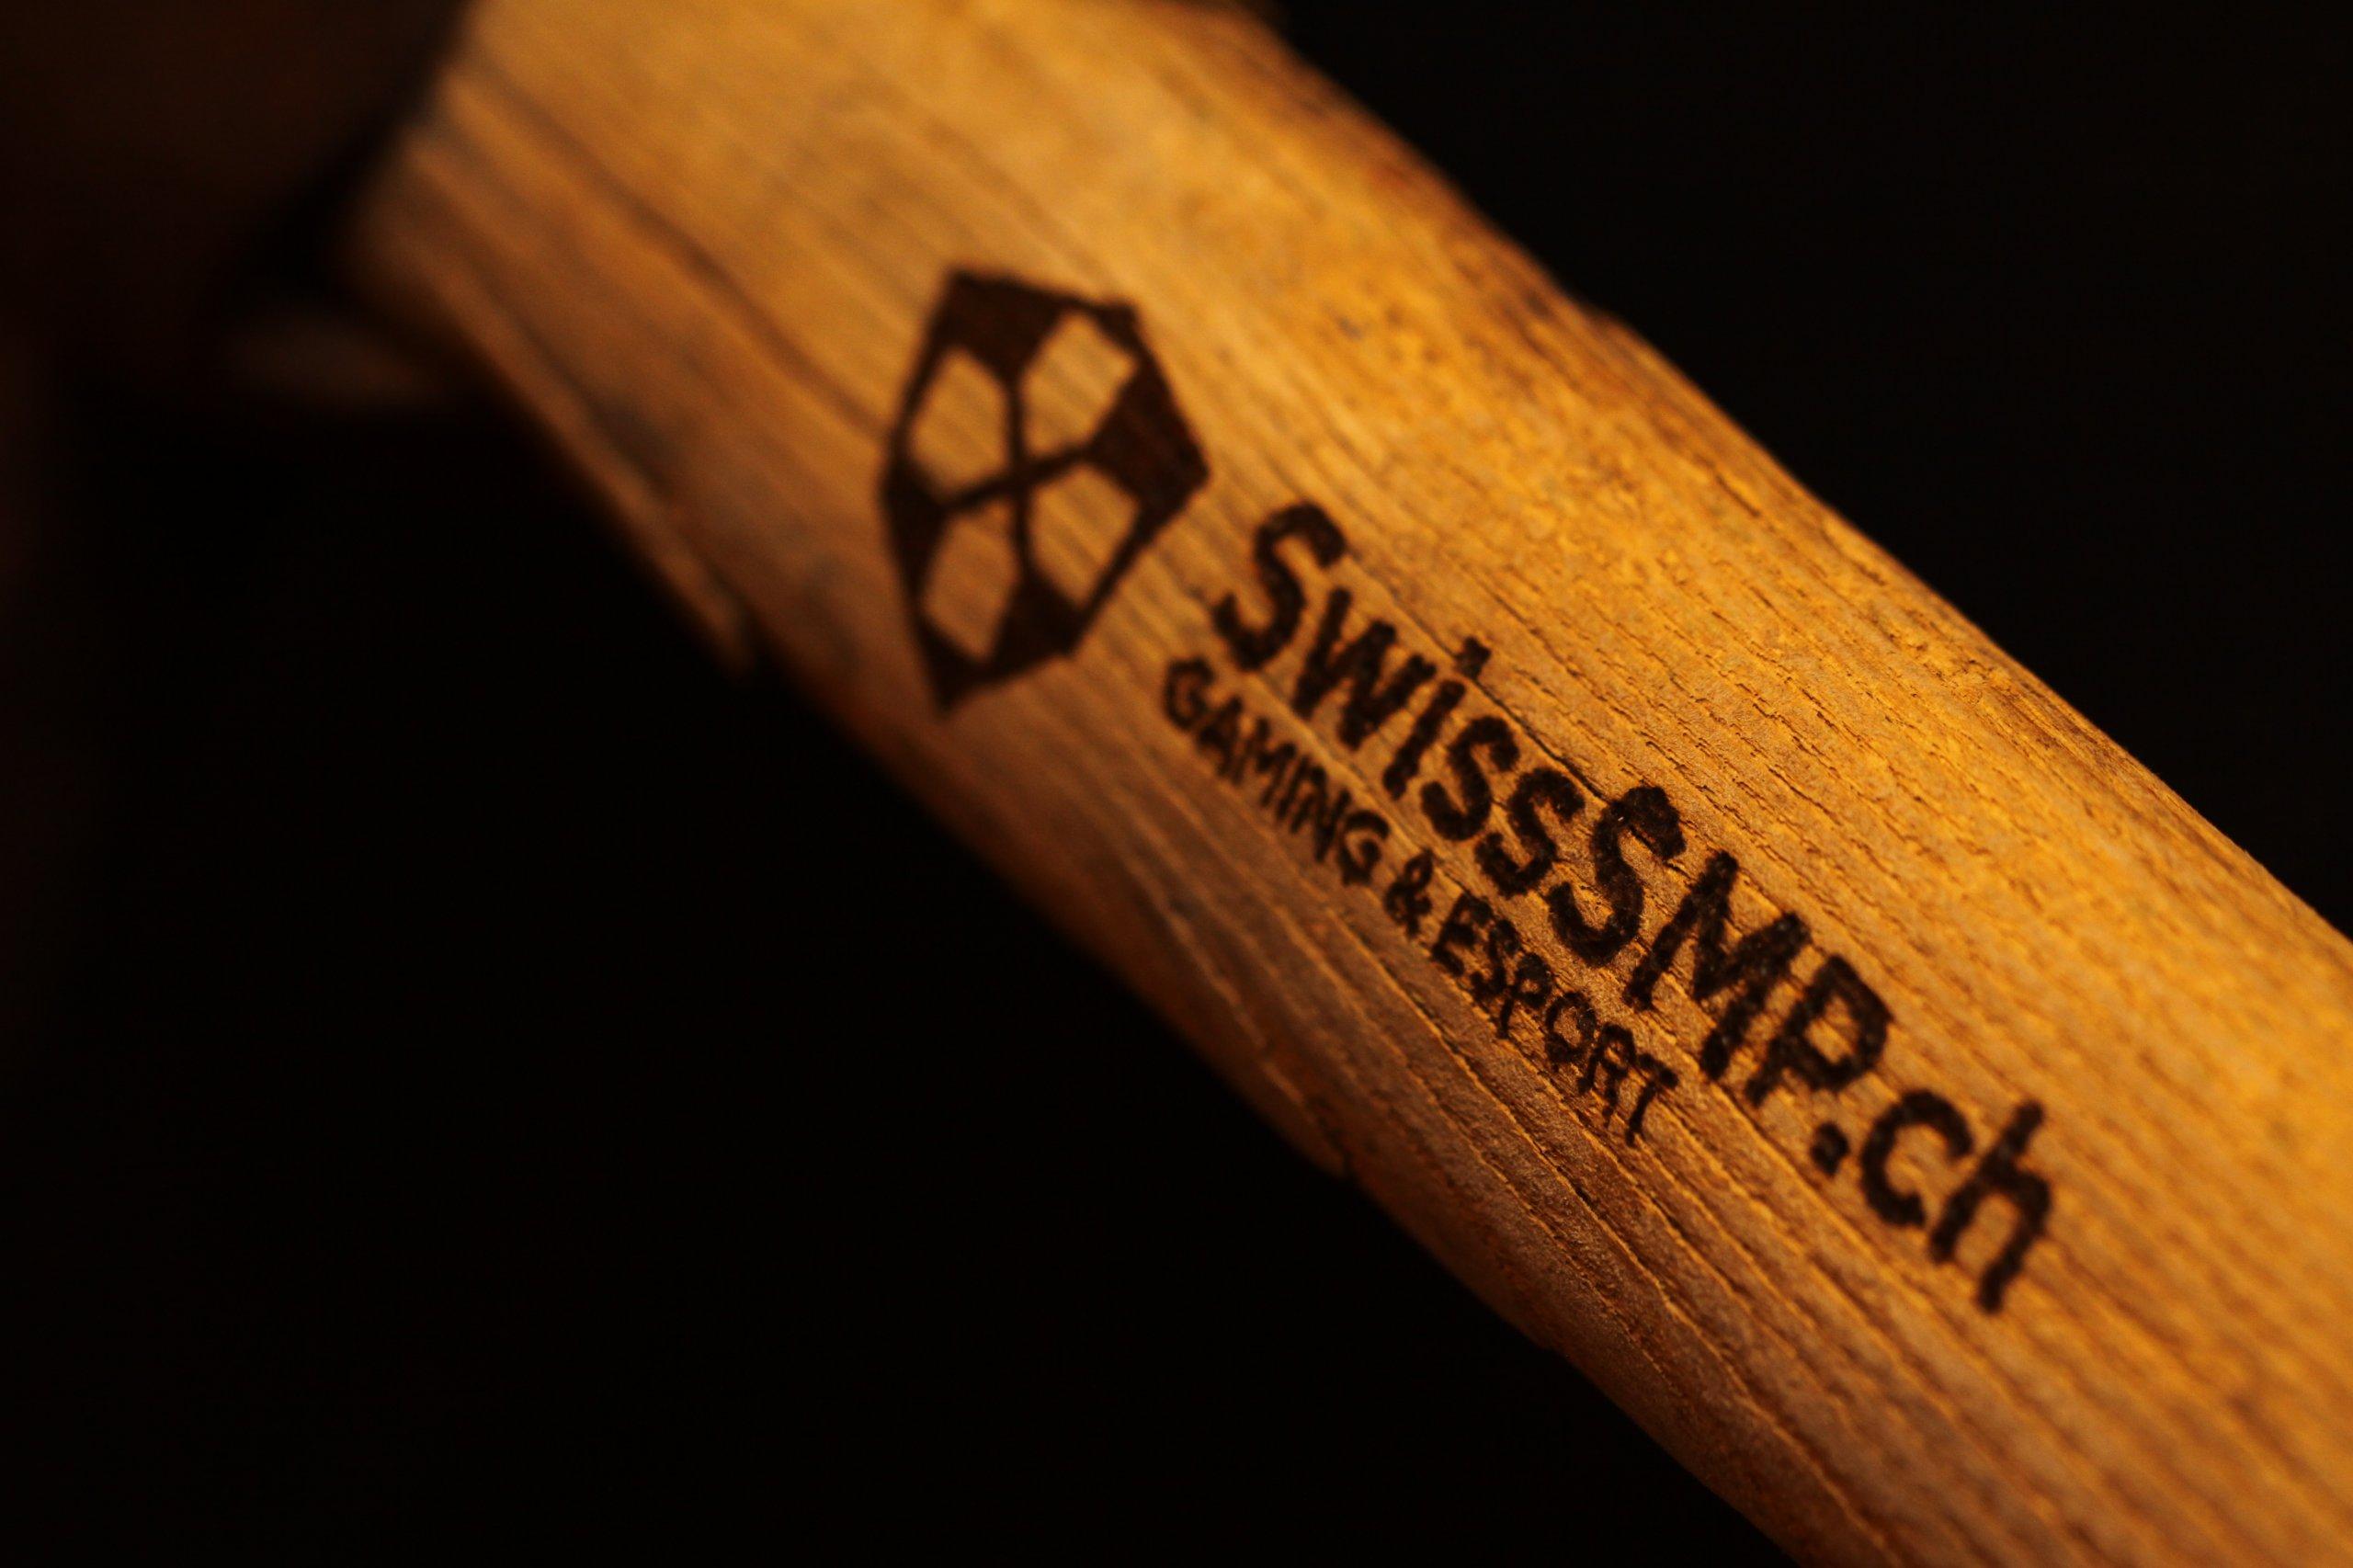 swiss-minecraft-server-pickaxe.jpg